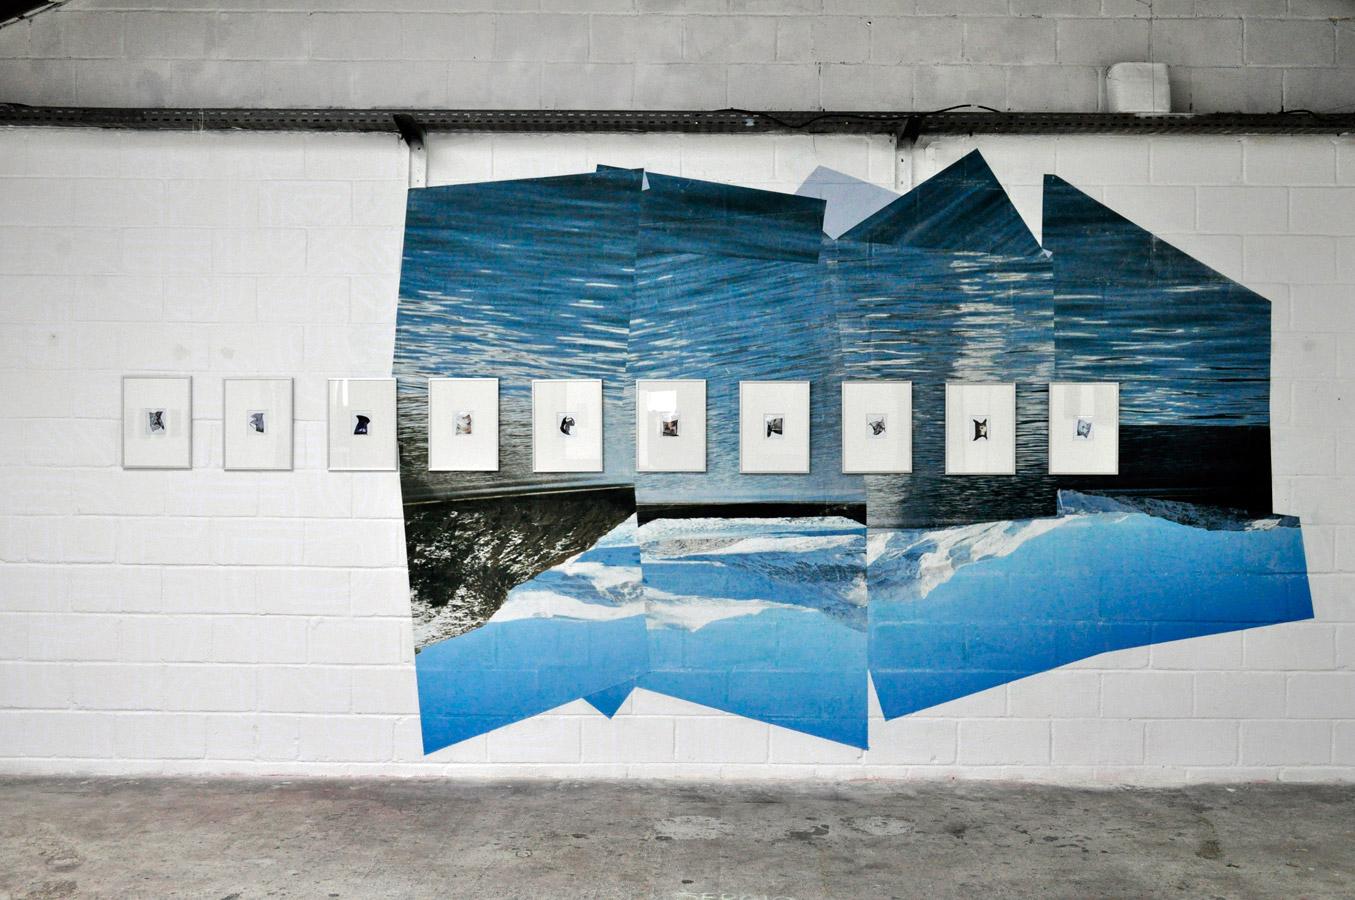 Sergio Valenzuela Escobedo, En el reflejo del agua durmiente, 2016, copyright Sergio Valenzuela Escobedo / Galerie Binôme